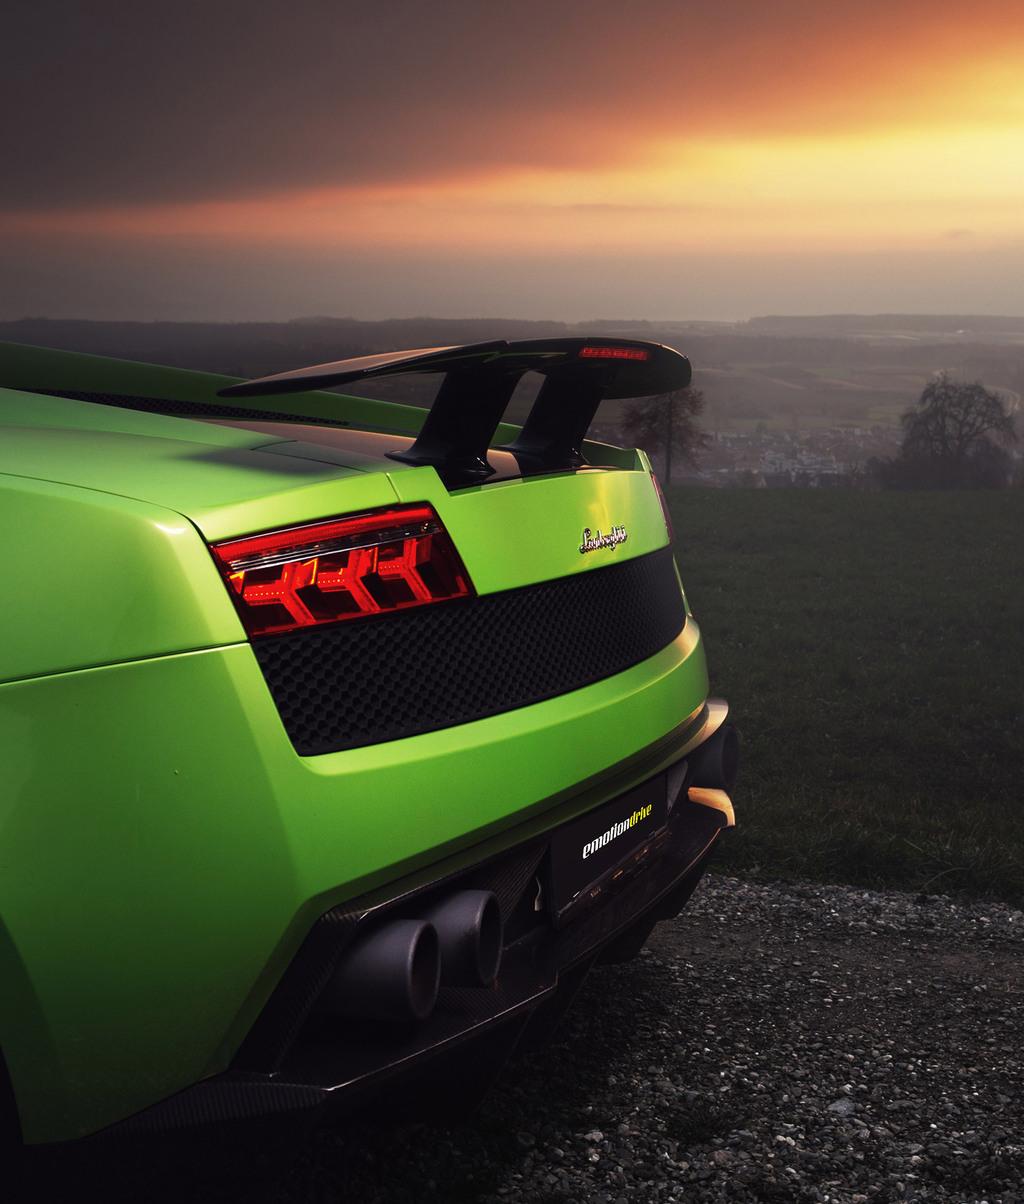 Download Lamborghini Gallardo Superleggera HD HD 4k